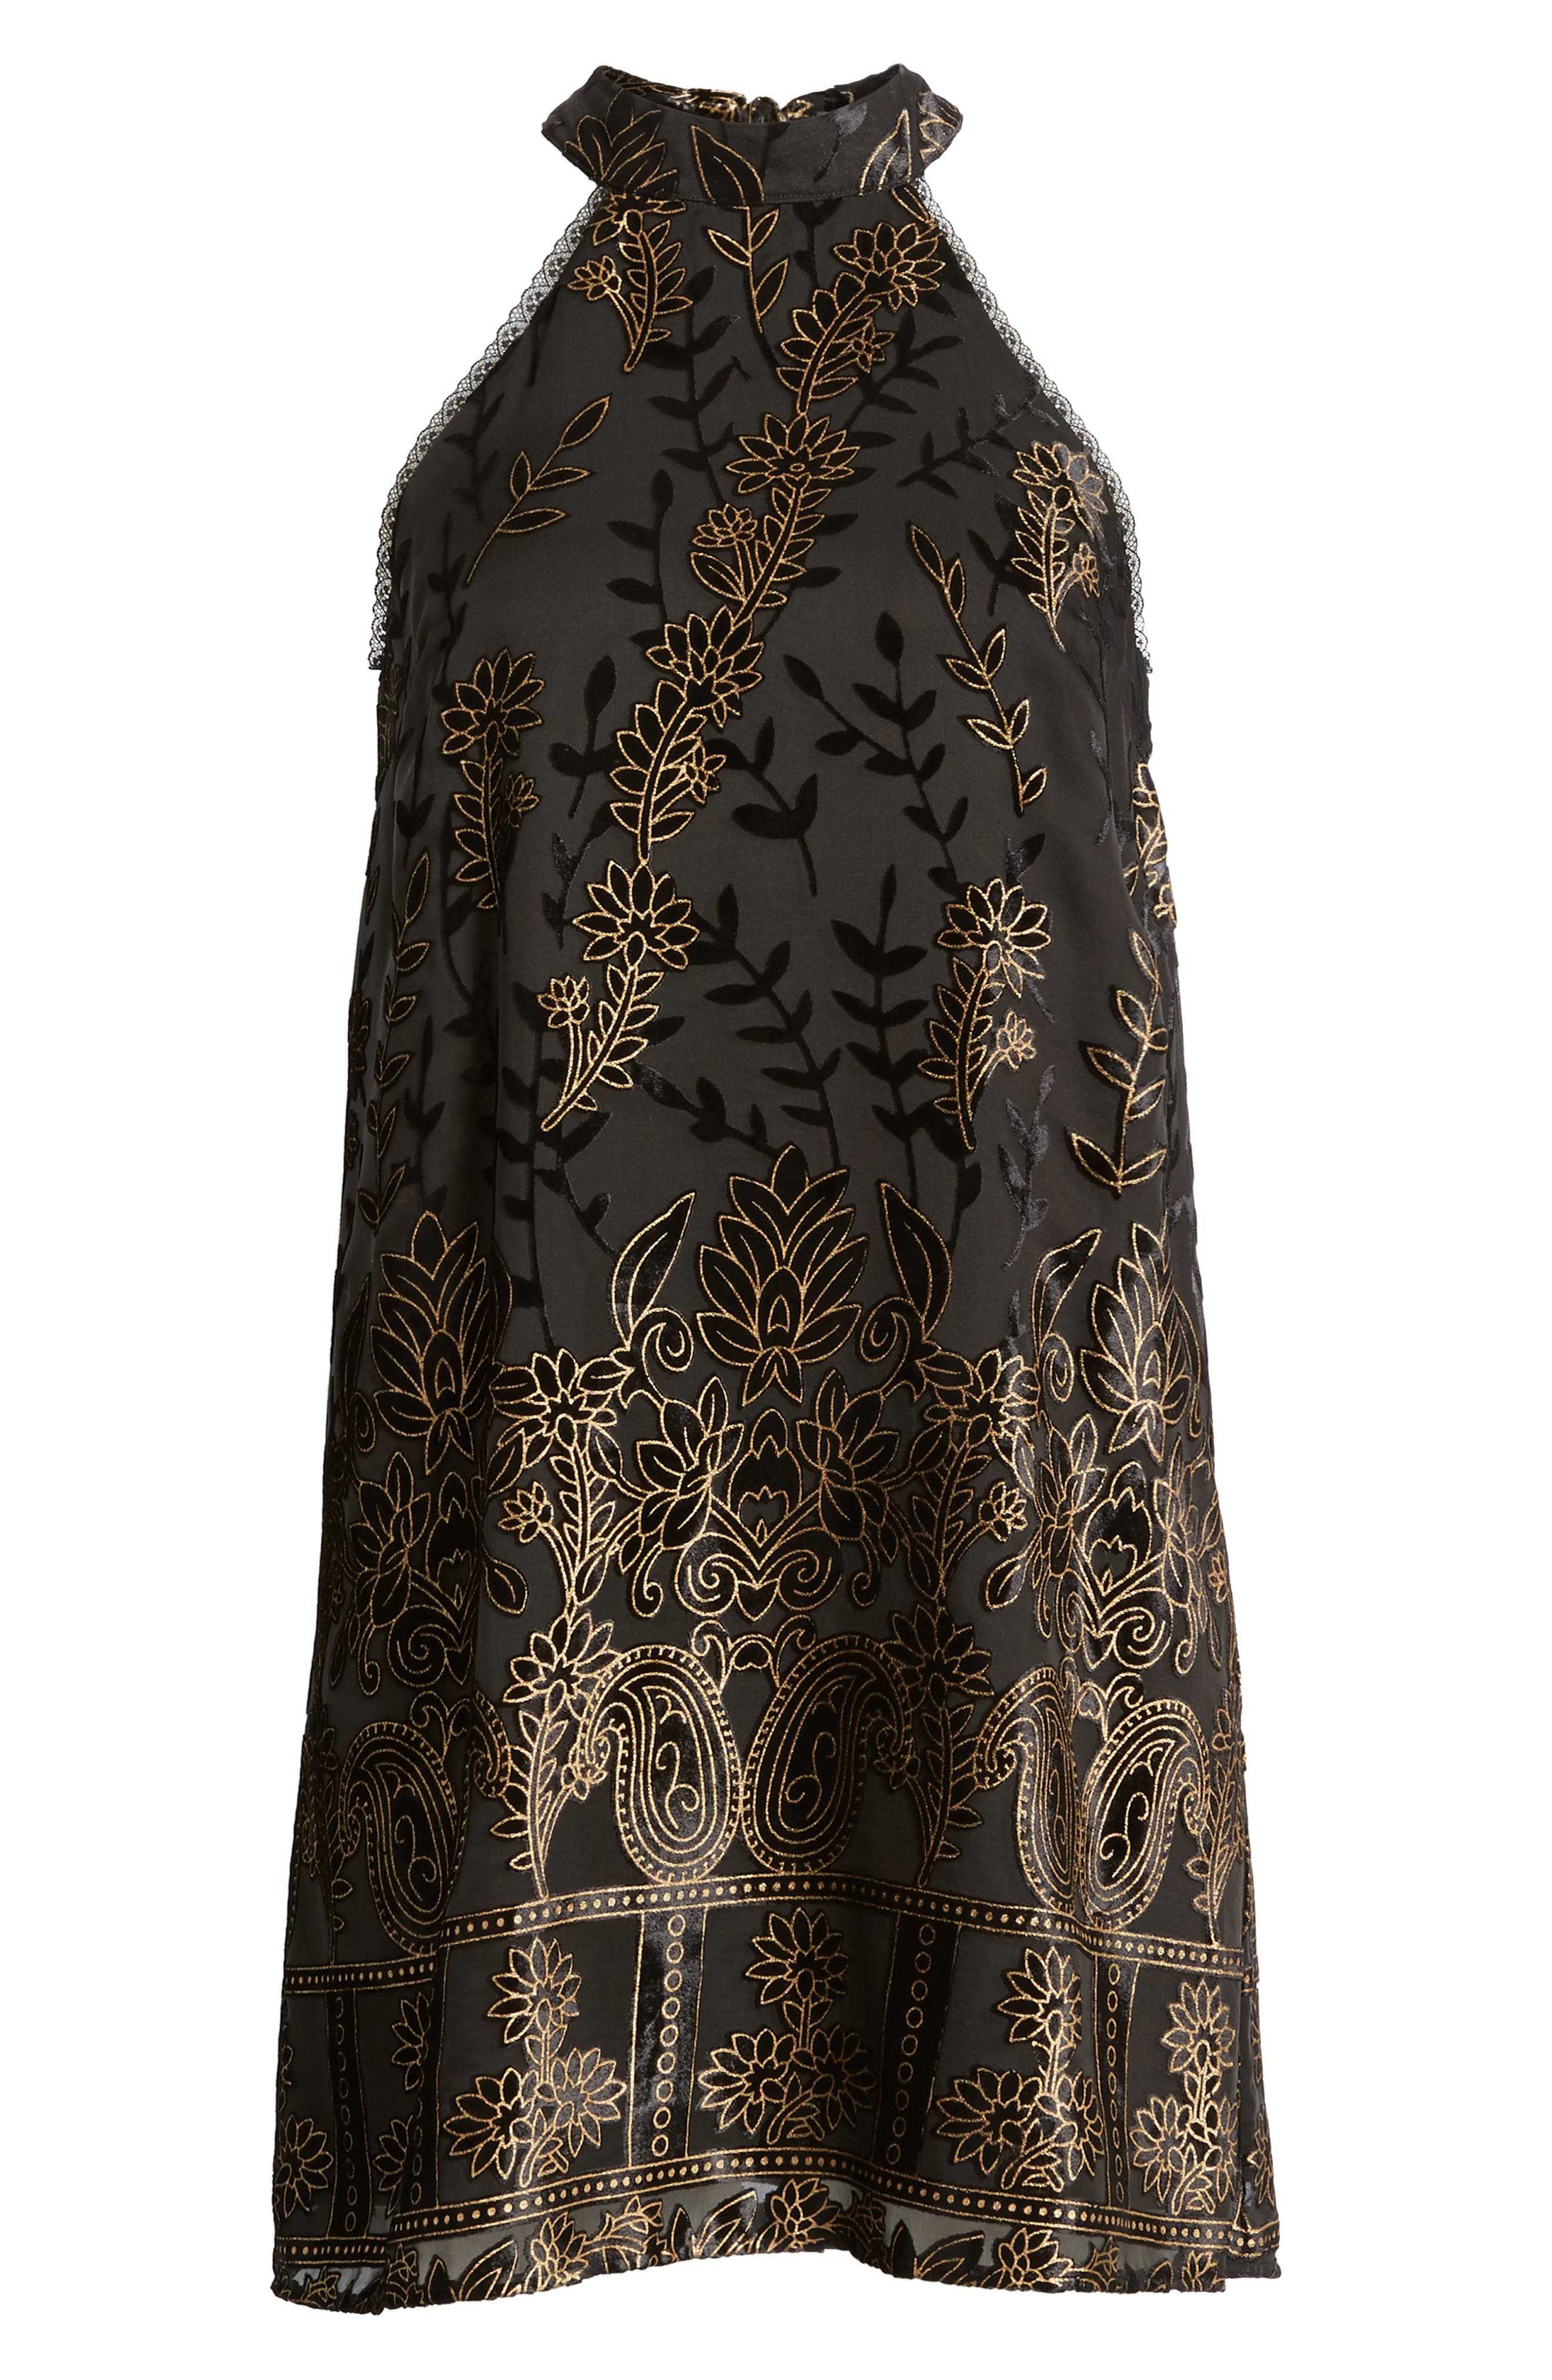 Merci Halter Dress,                             Alternate thumbnail 6, color,                             Black